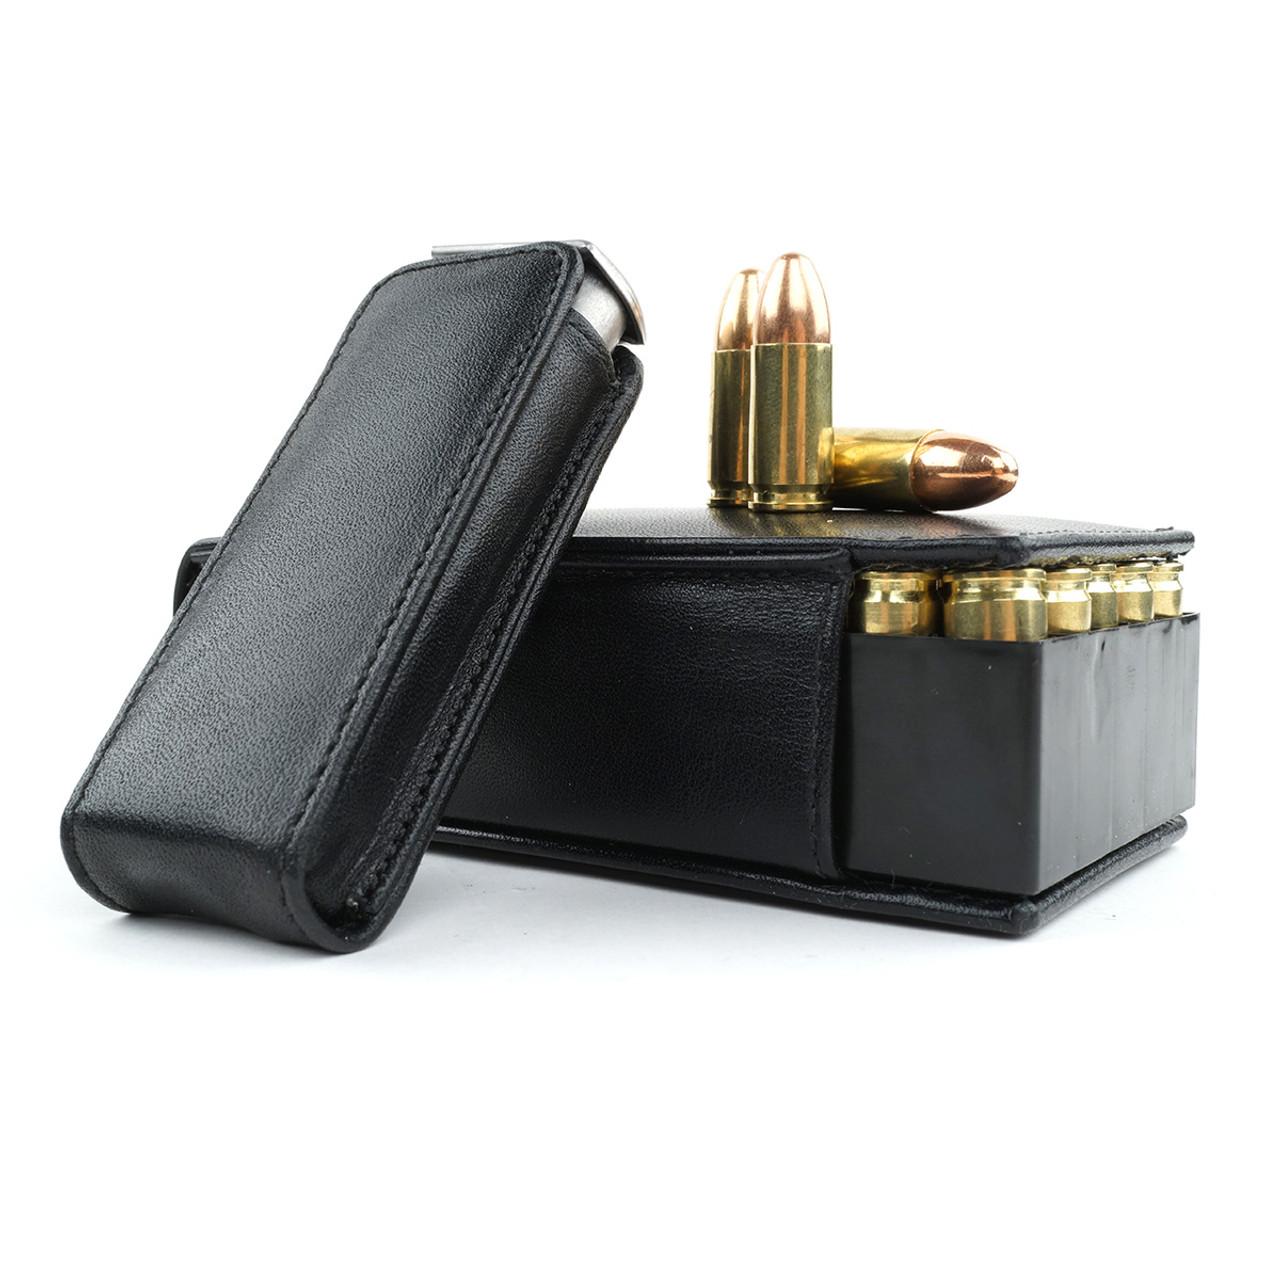 S&W BodyGuard 380 Leather Bullet Brick